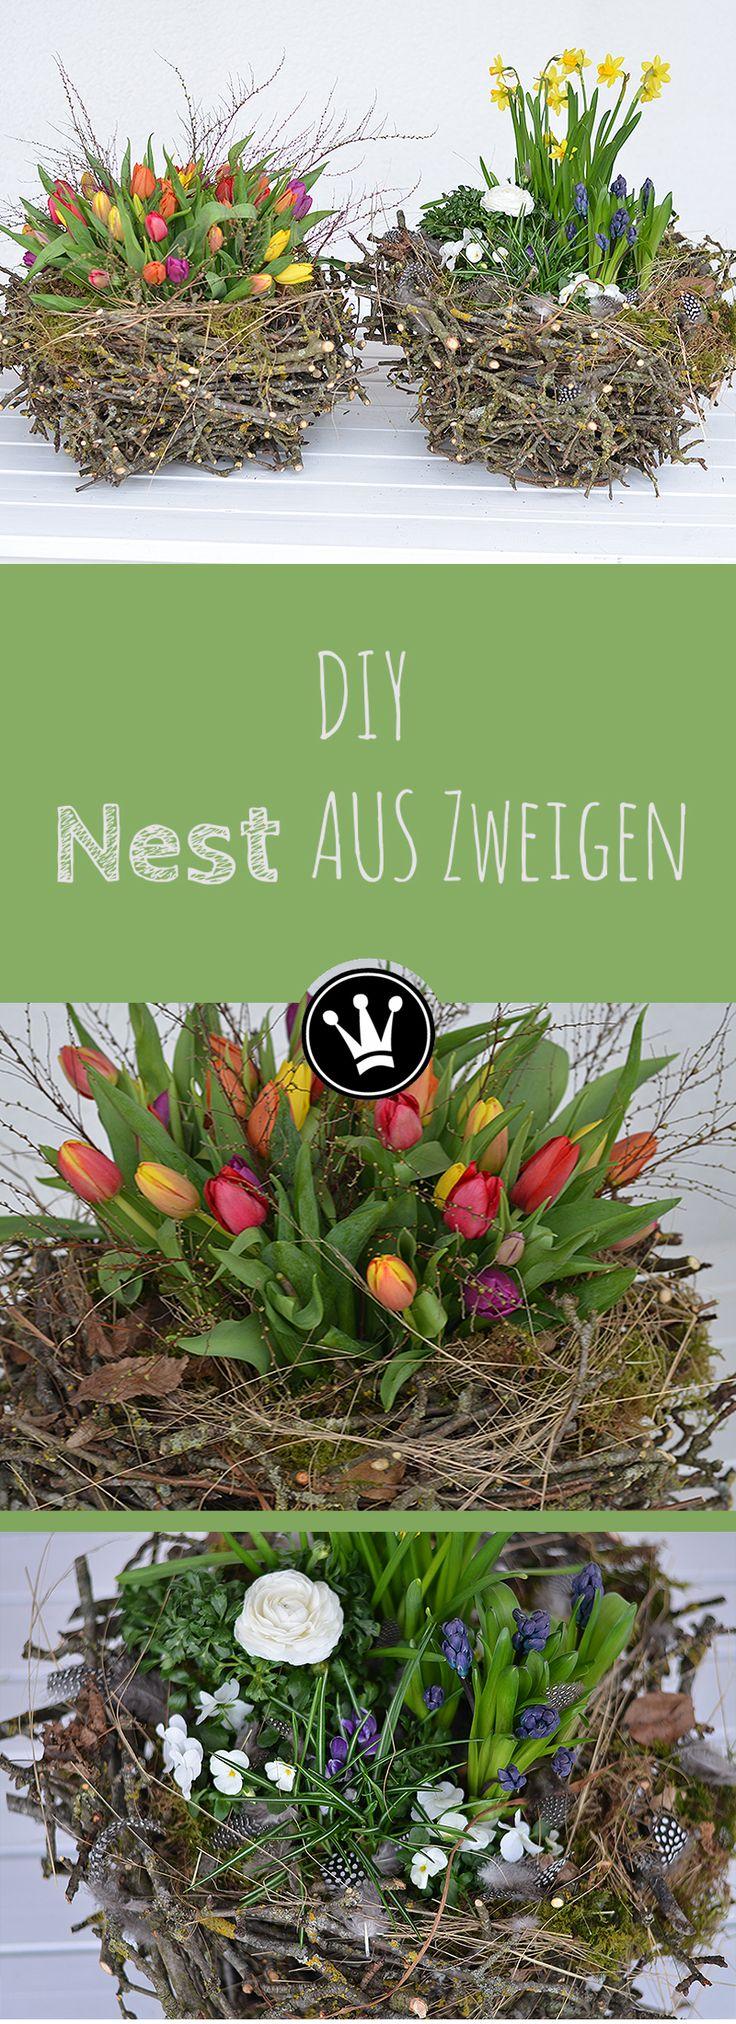 DIY - Dieses Nest aus Zweigen ist eine tolle Dekoidee für den Frühling. Gerade jetzt im Frühjahr fallen viele Zweige beim Baum- und Strauchschnitt an, und aus diesen habe ich dieses Nest im XXL Format selber gemacht. Anleitung dazu bei DekoideenReich auf YouTube